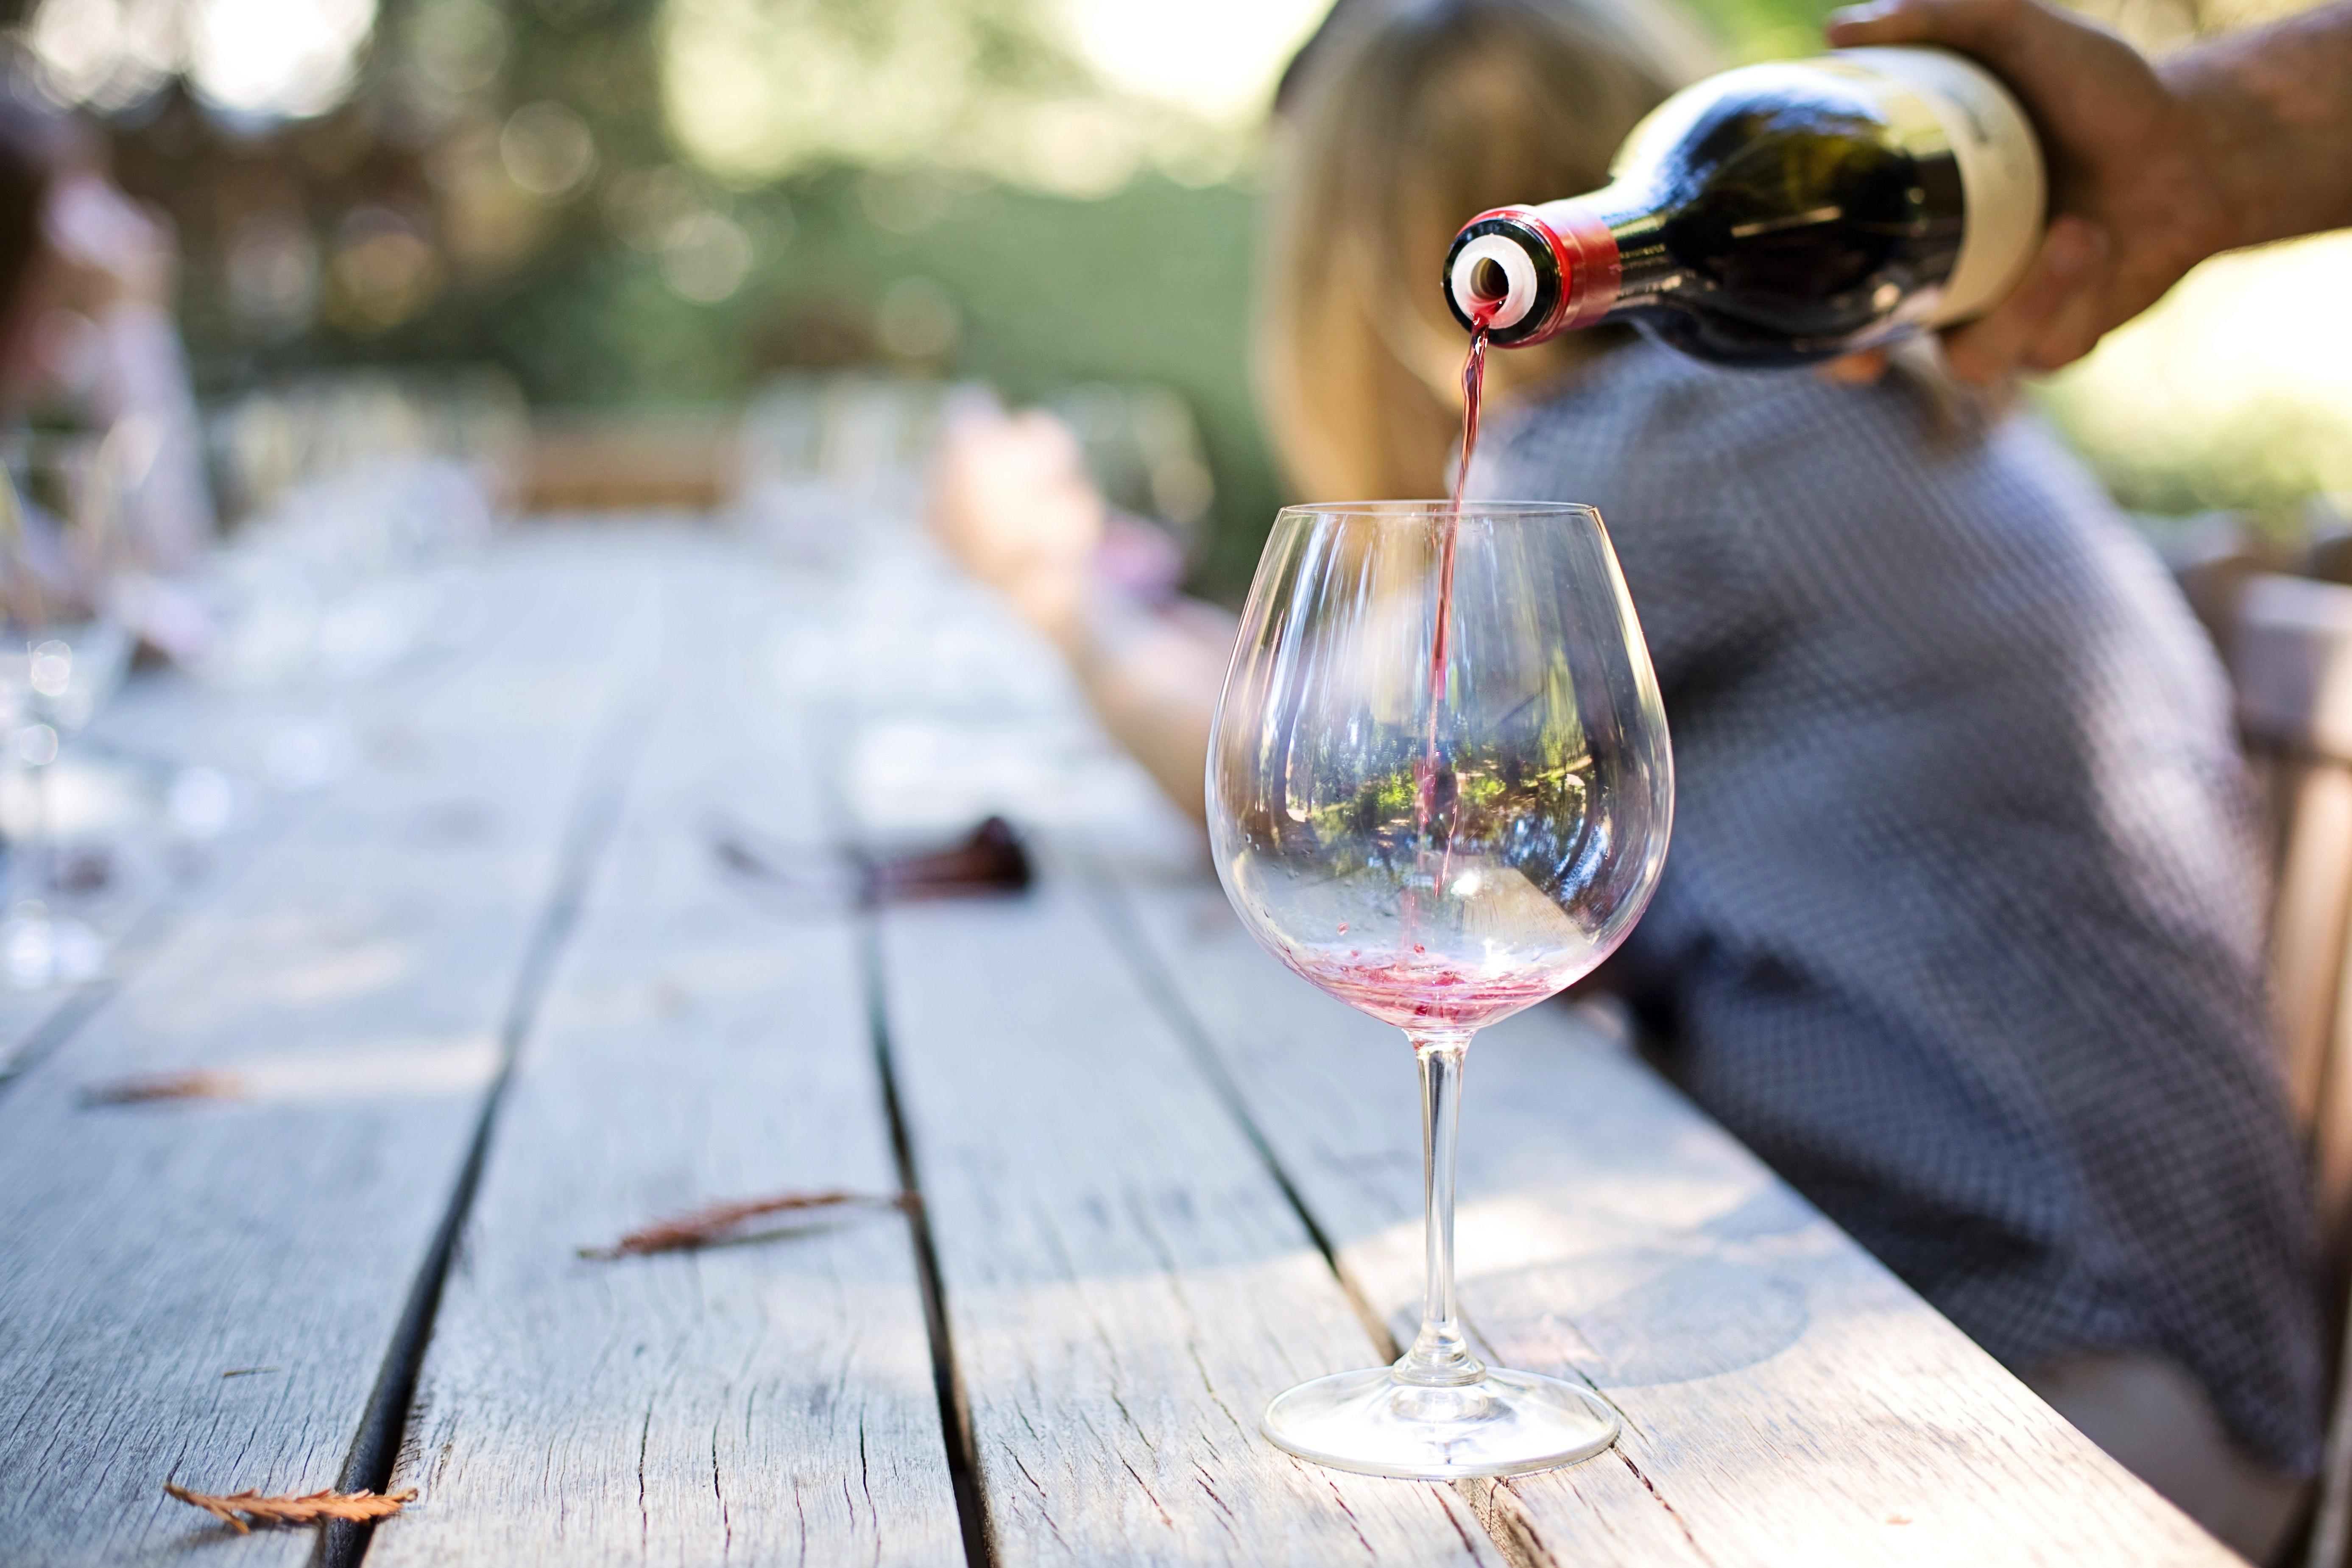 Waarom smaakt de wijn op vakantie lekkerder?